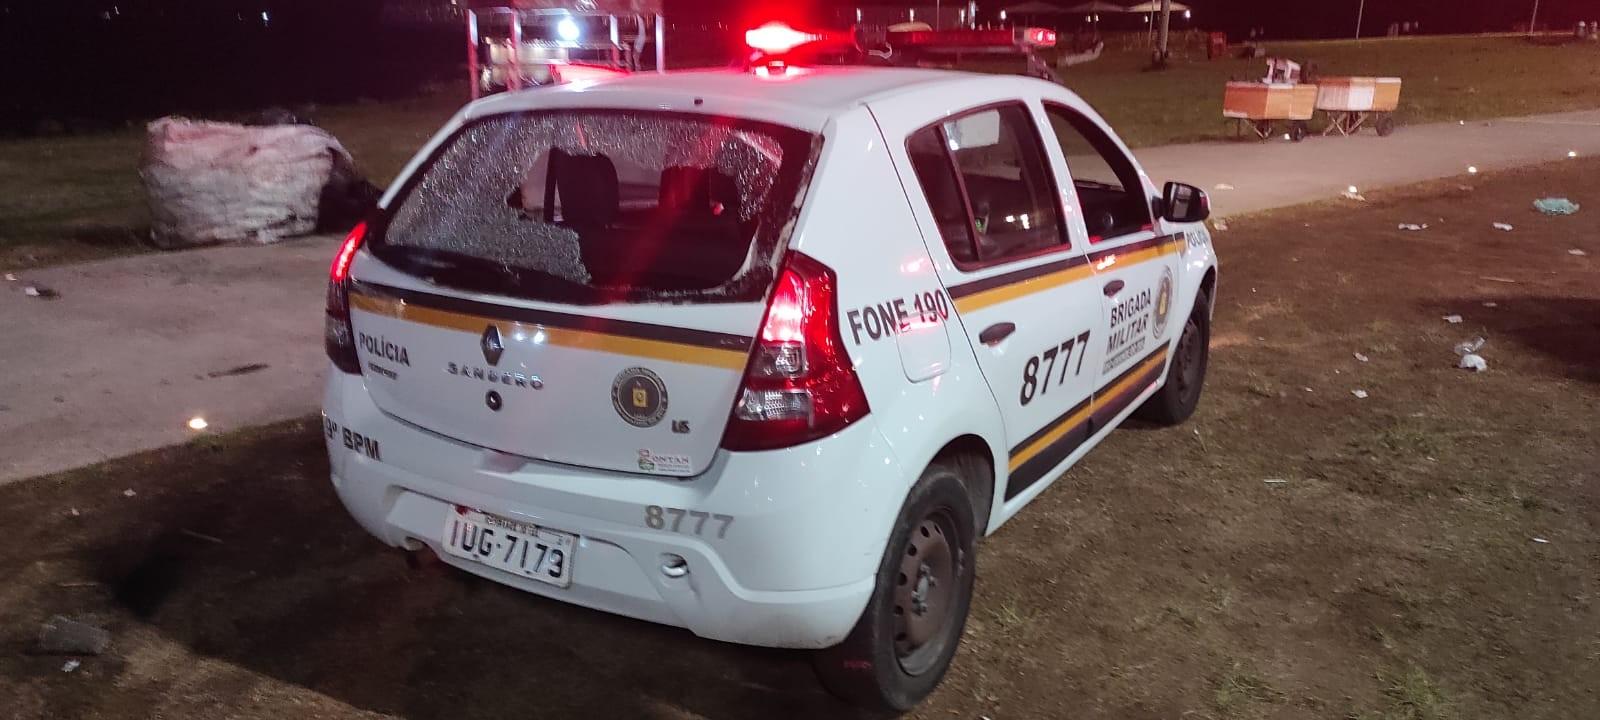 Viatura da BM tem vidros quebrados e duas pessoas são detidas após confusão na Orla do Guaíba